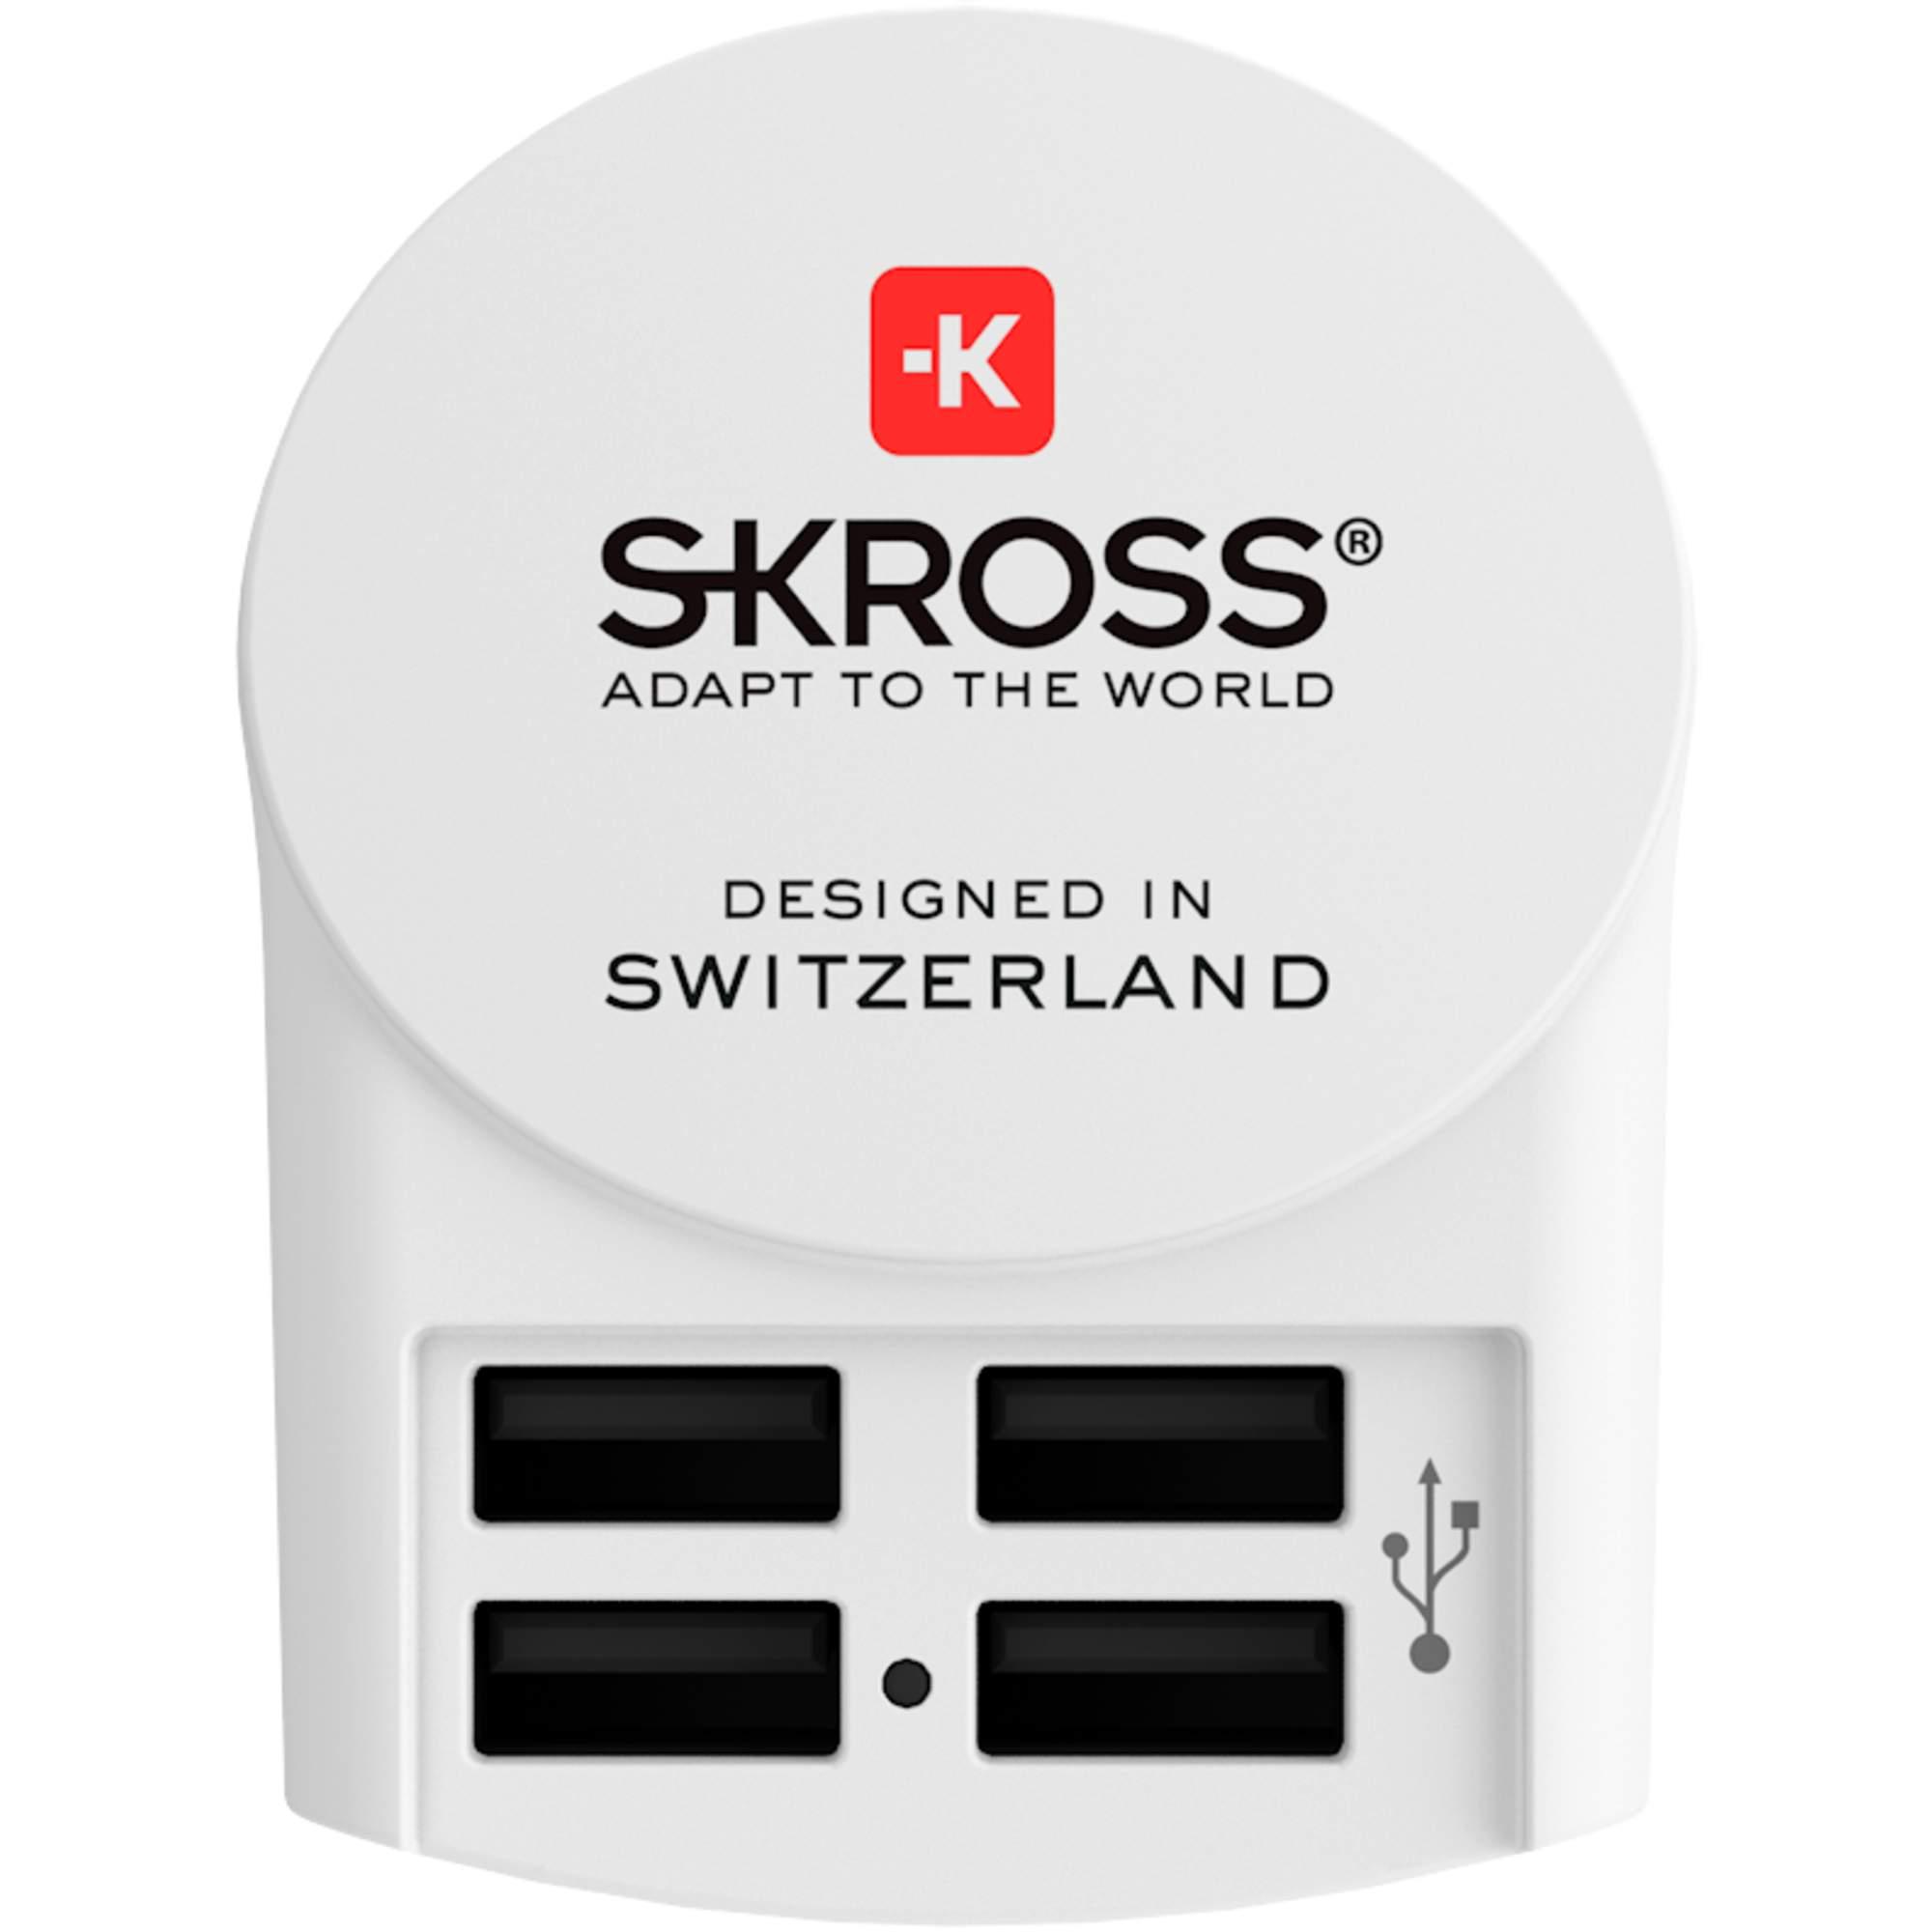 SKROSS EURO USB CHARGER 4A - Reisestecker - weiß